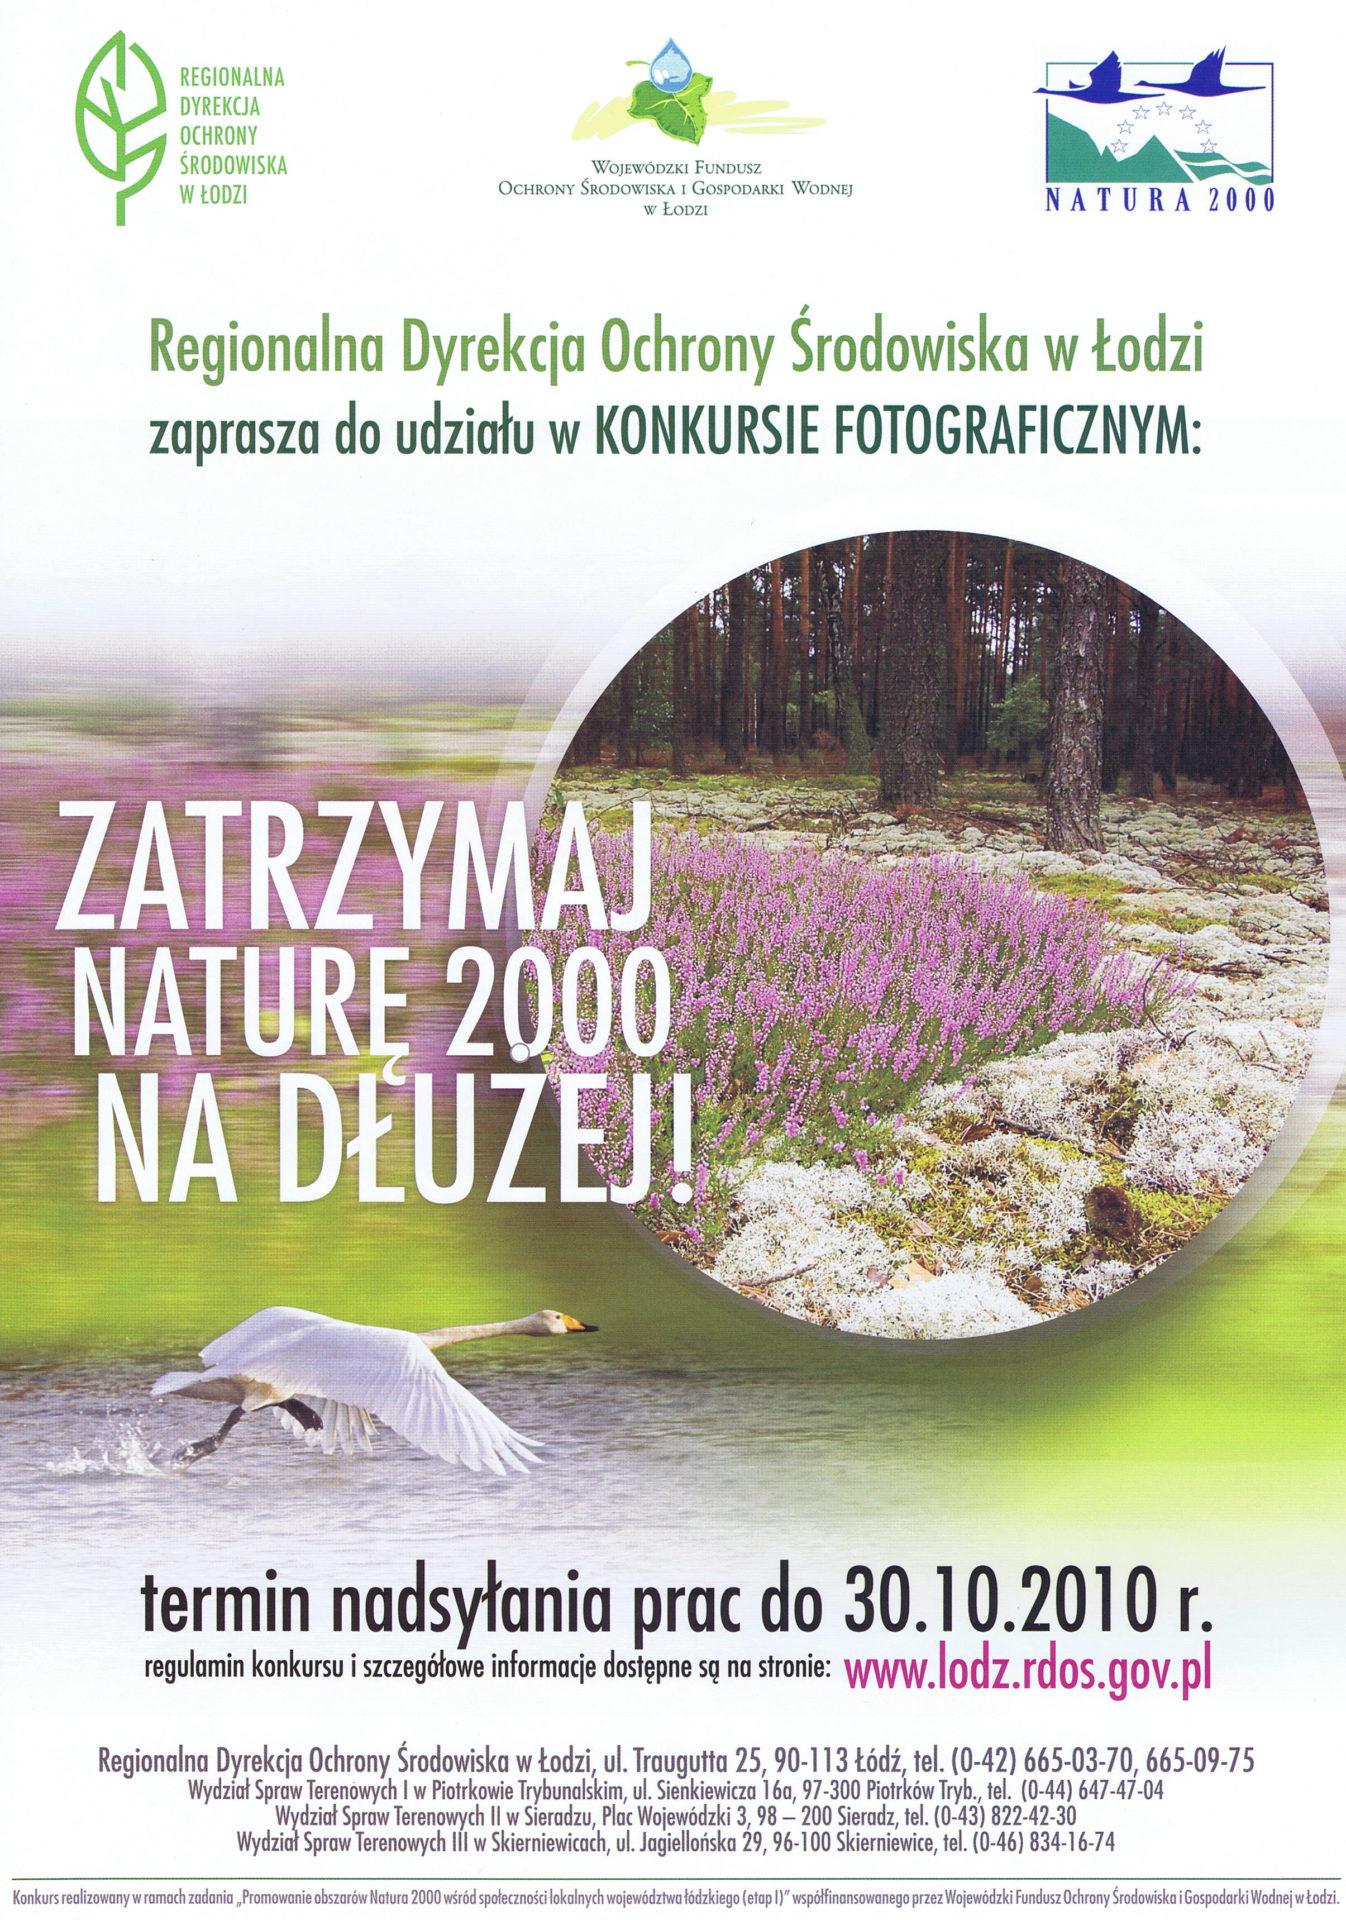 Zatrzymaj Naturę 2000 na dłużej